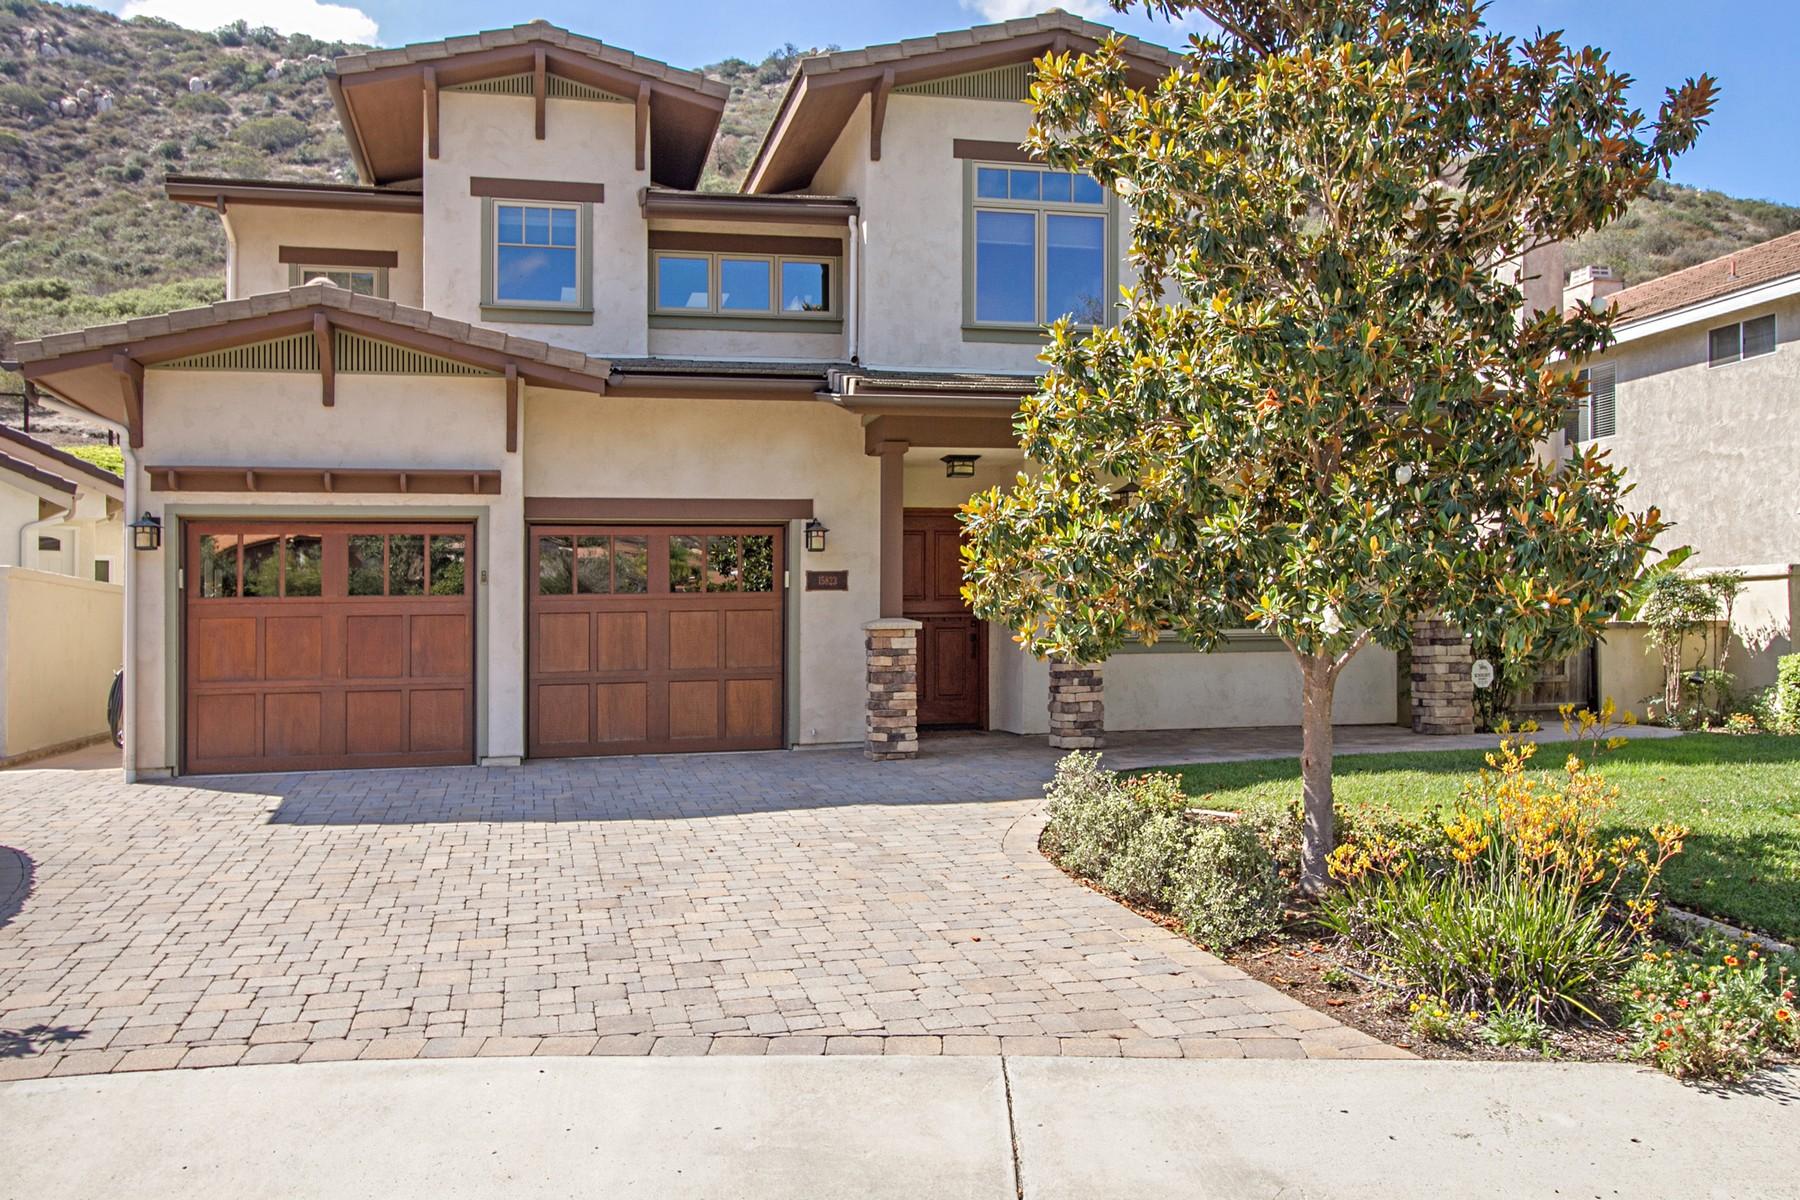 단독 가정 주택 용 매매 에 15823 Quiet Valley Lane Poway, 캘리포니아 92064 미국